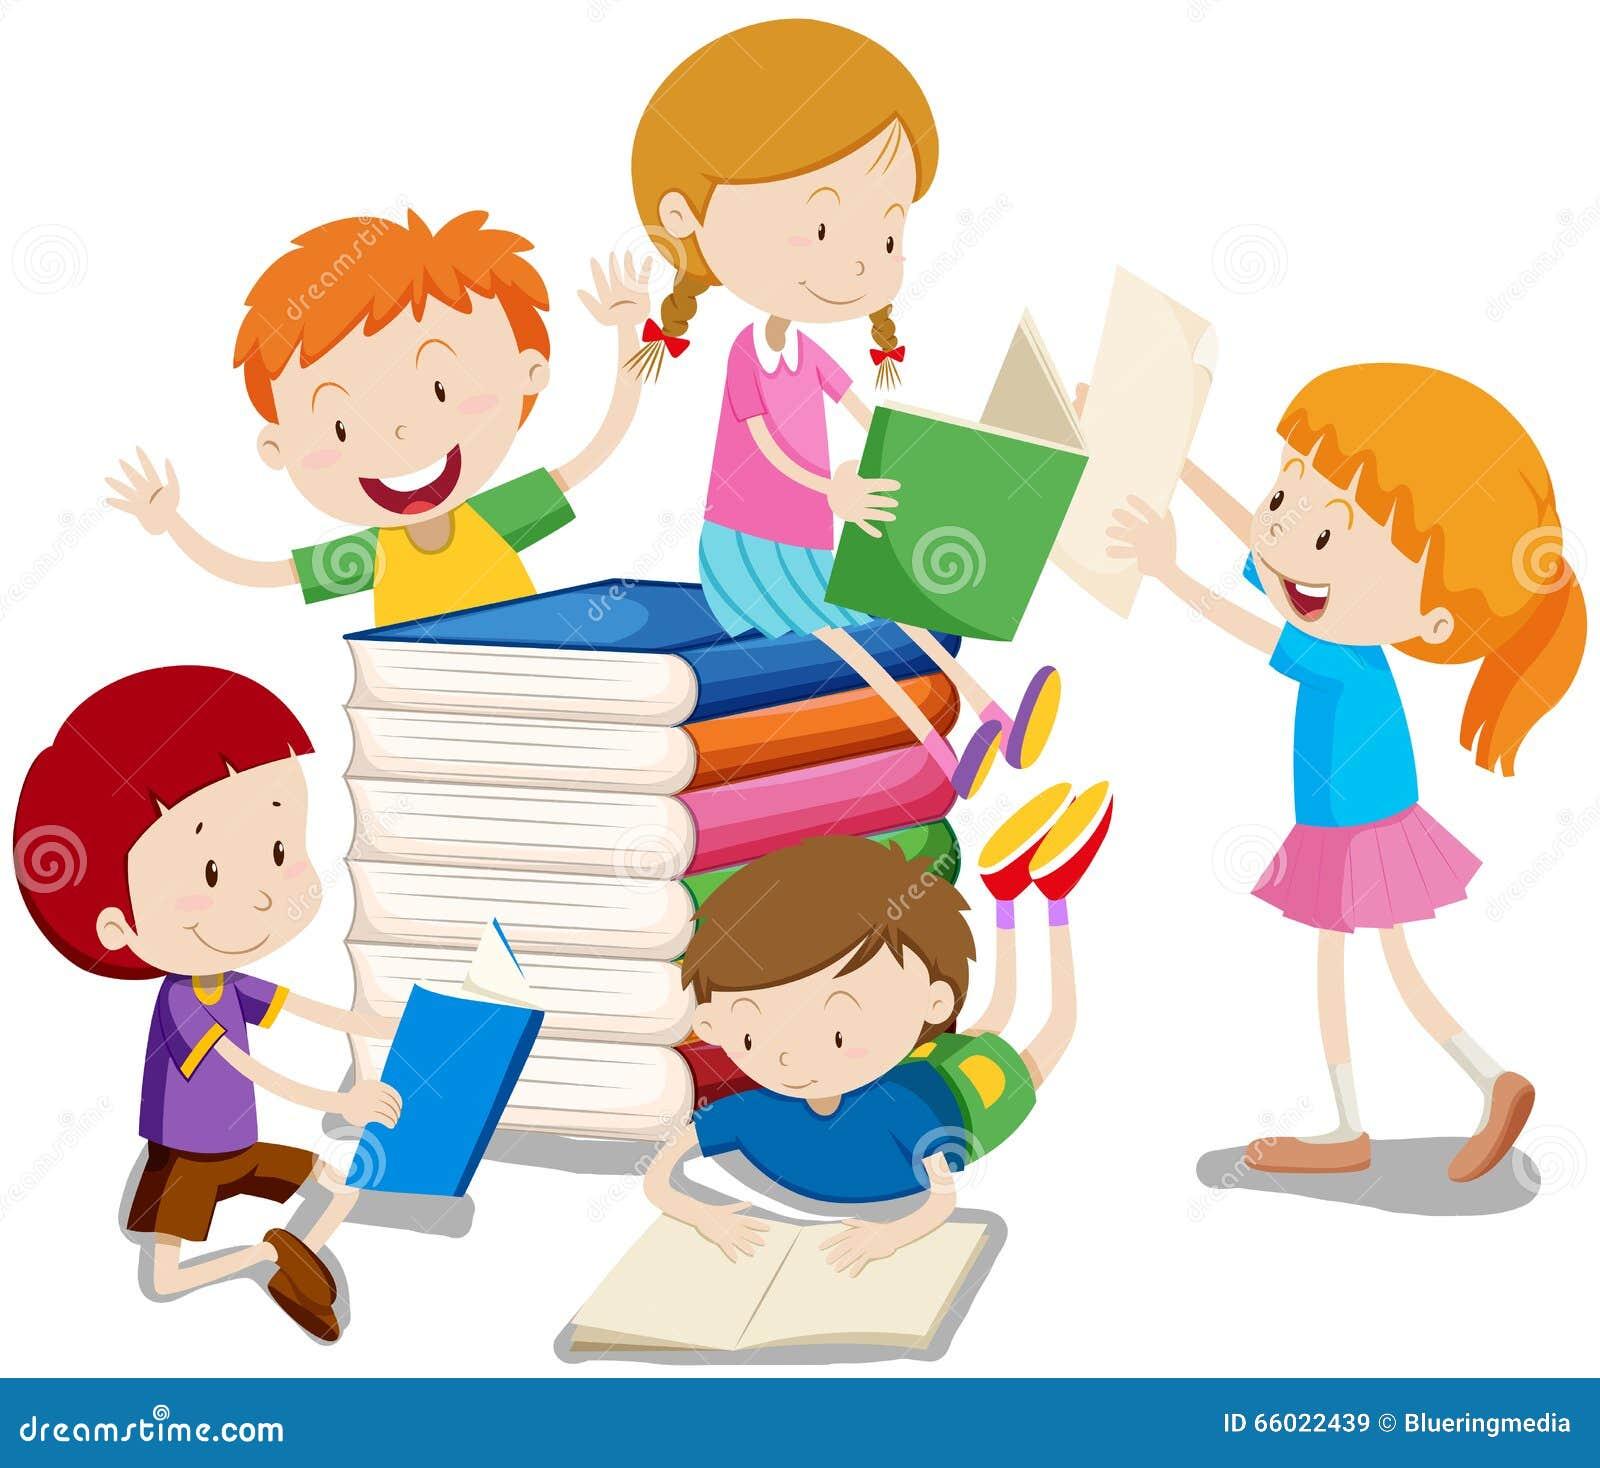 男孩和女孩阅读书例证.